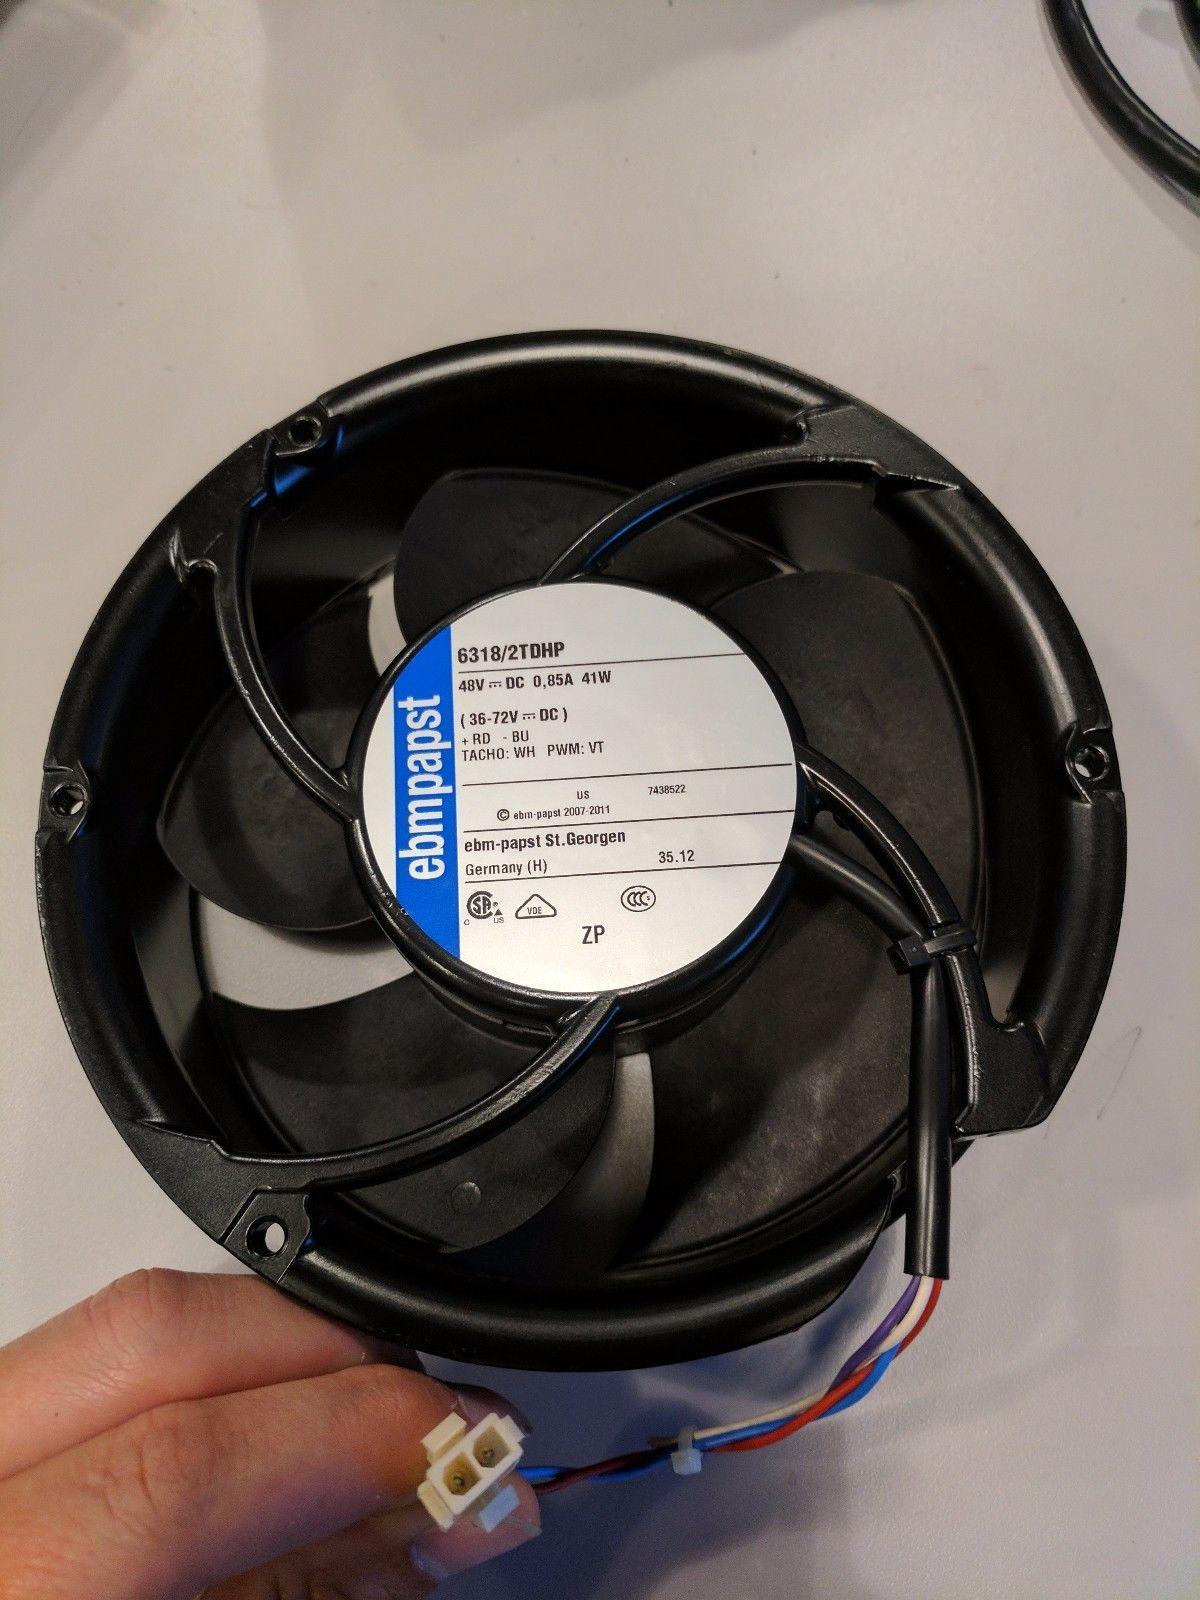 ebm-papst 6318/2TDHHP DC 48V 67W 7000RPM Ball Bearing Fan